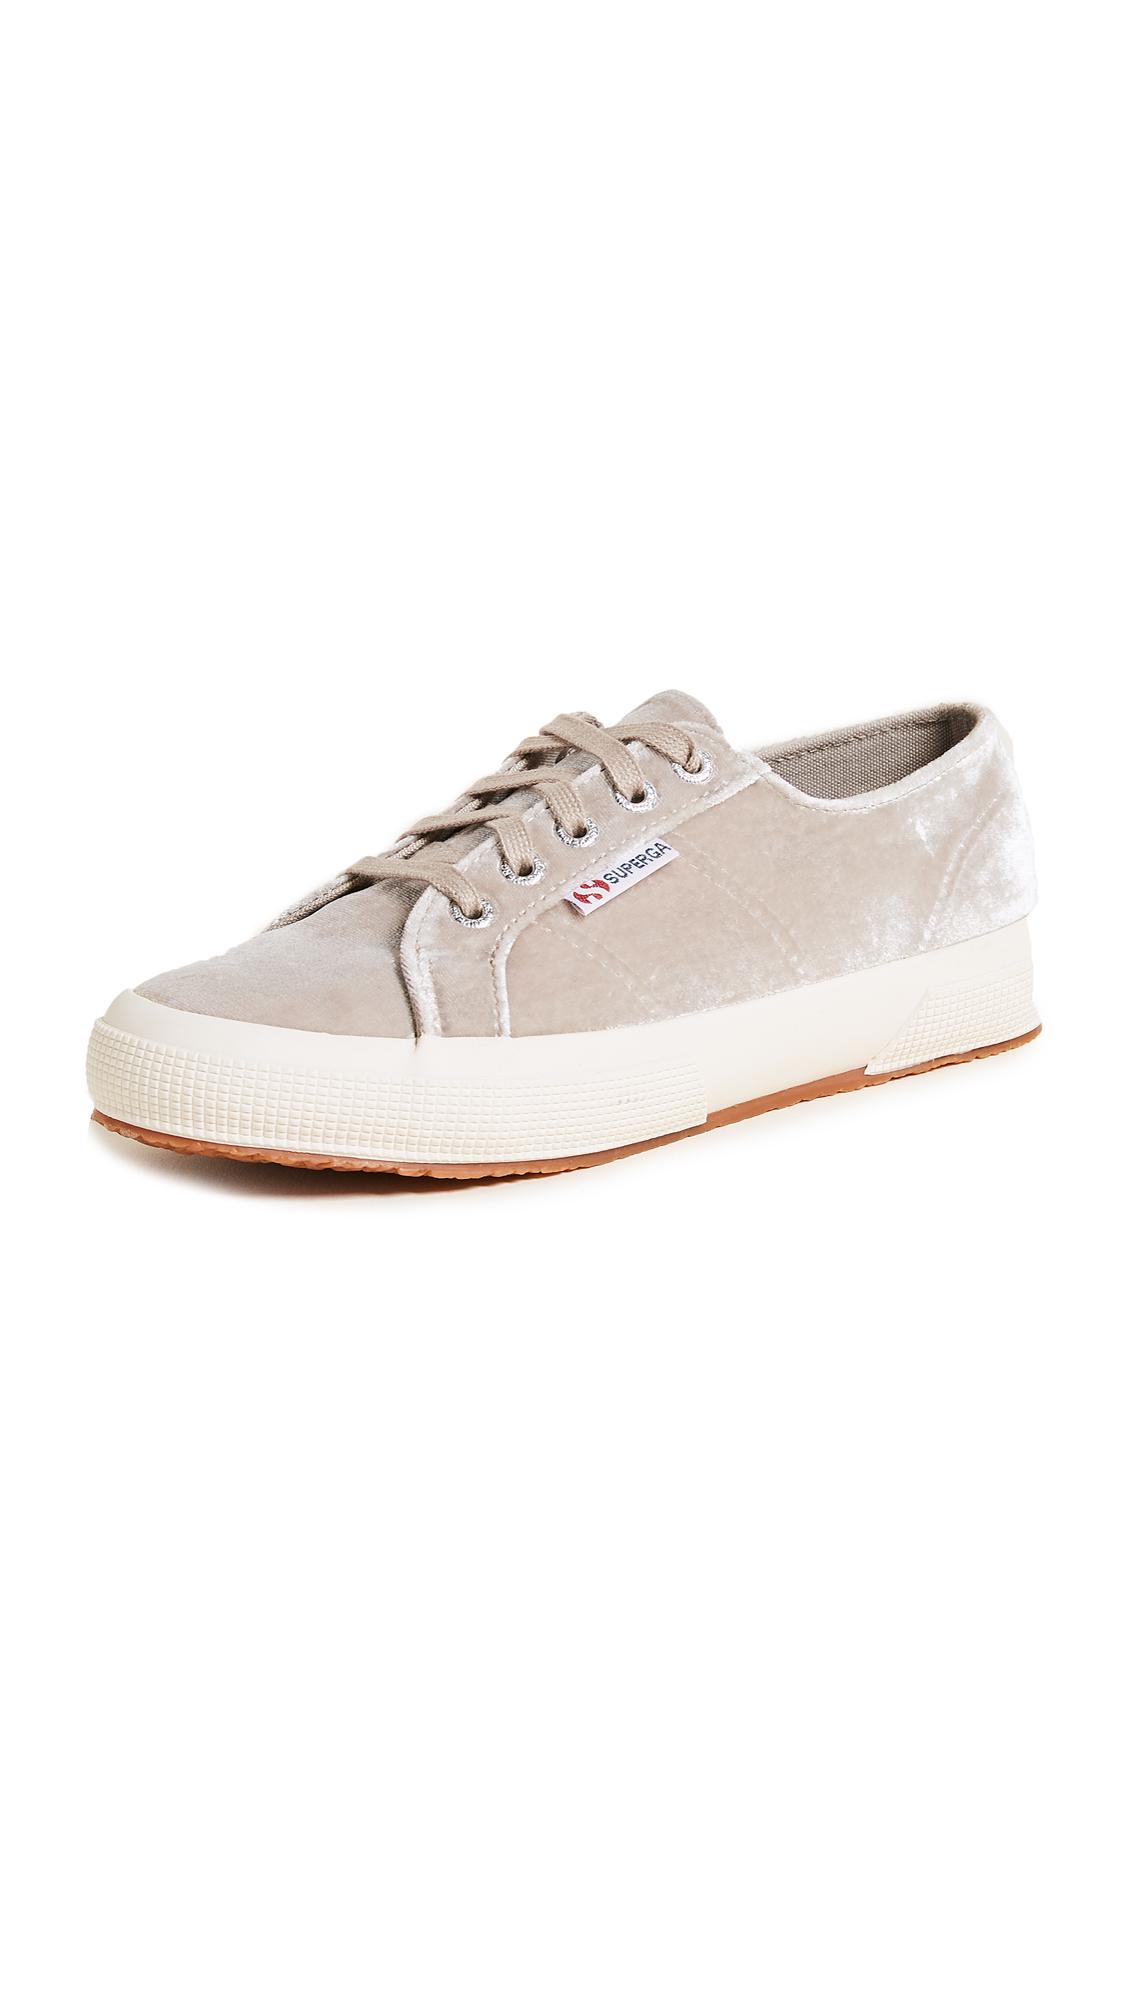 Superga 2750 Velvet Sneakers - Grey